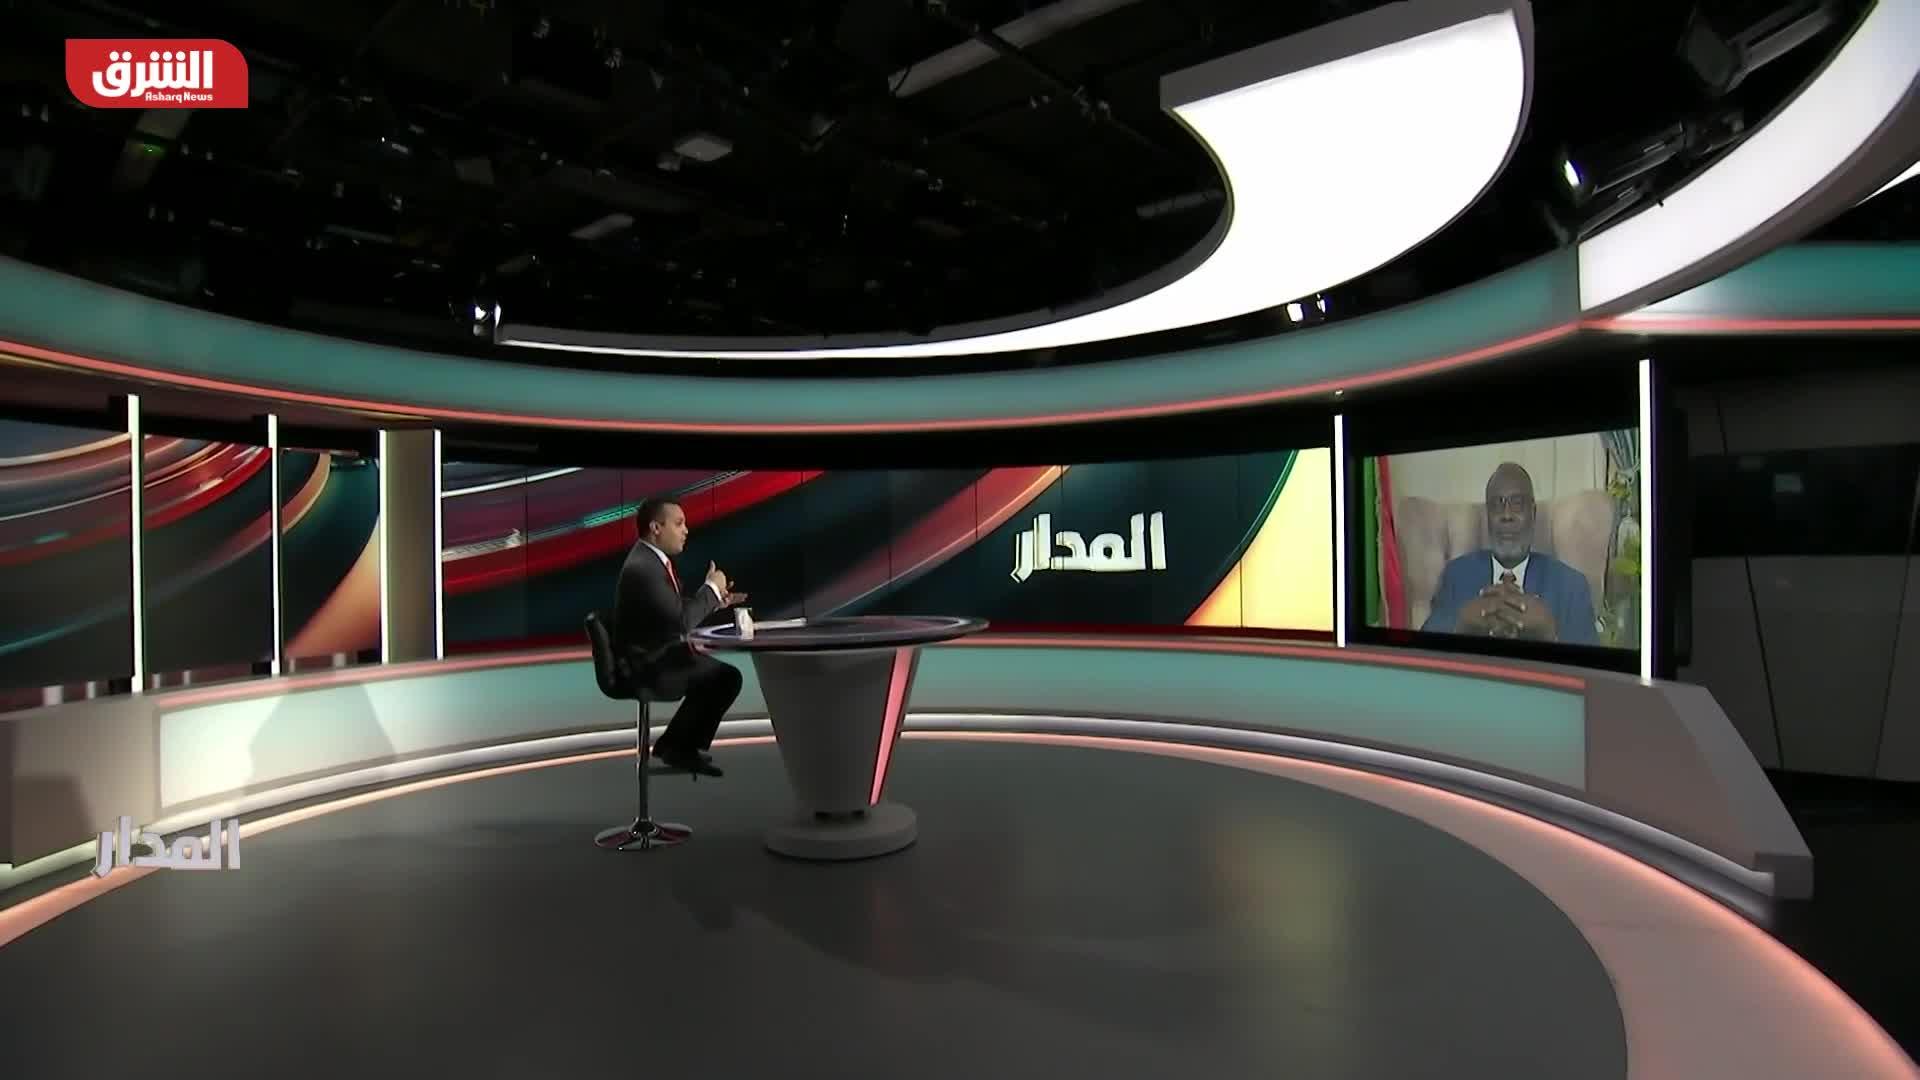 إبراهيم: سد النهضة قد يشكل خطراً على السودان